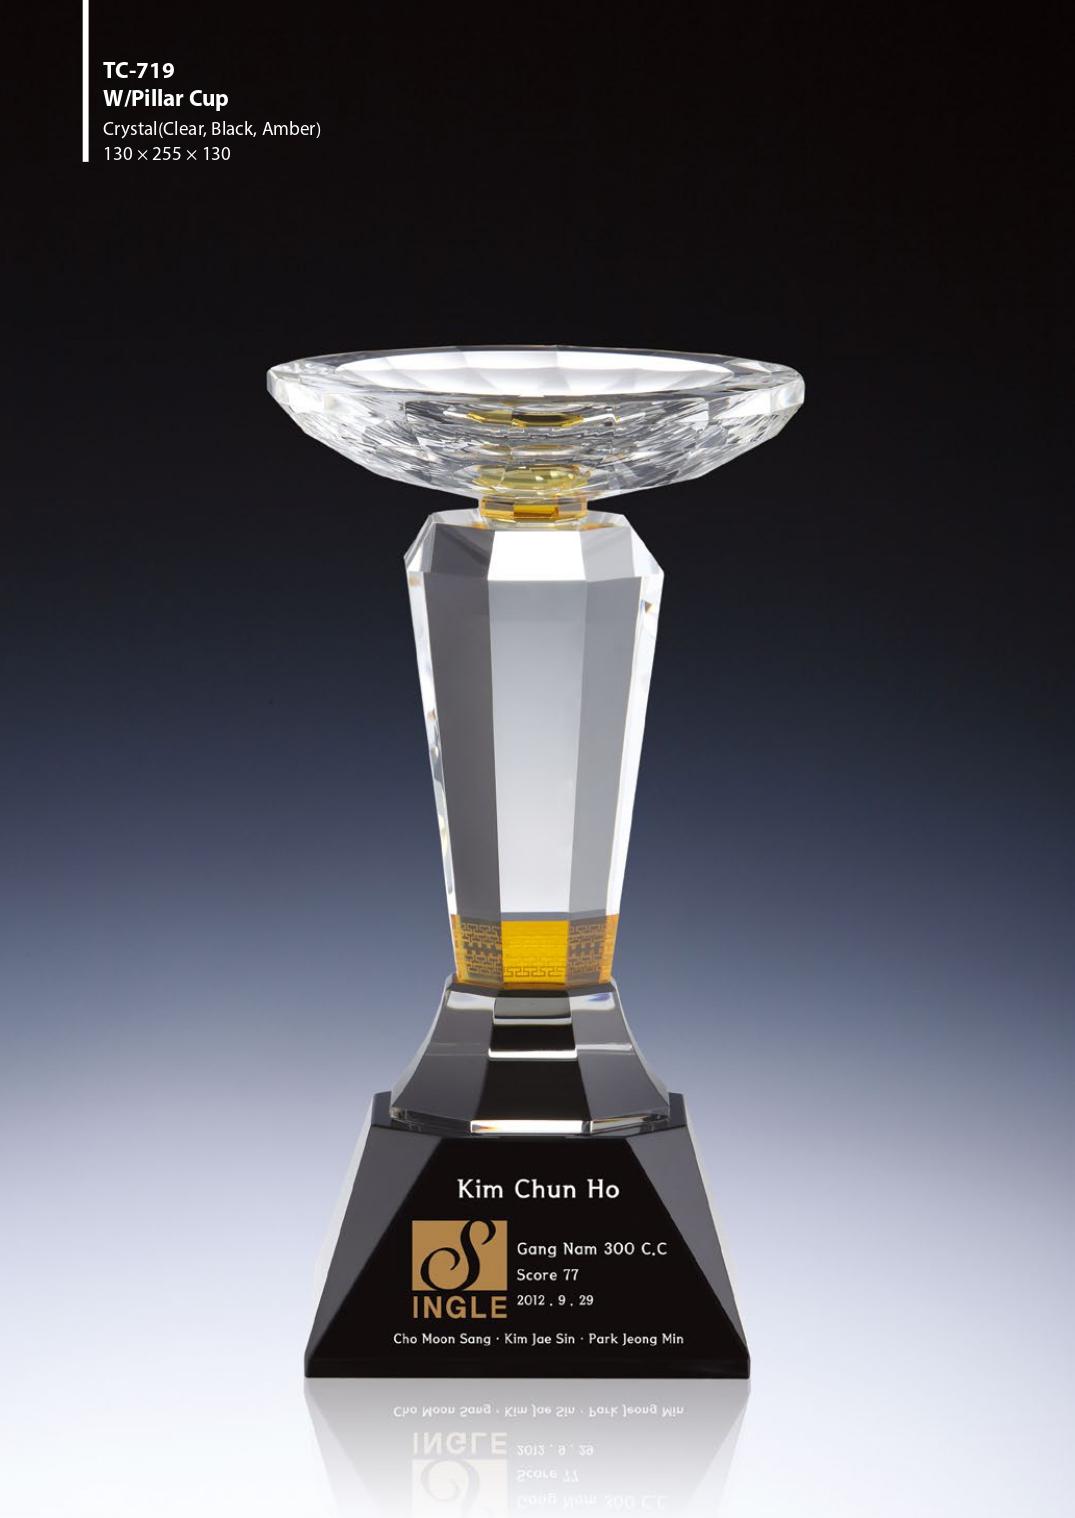 KLPK47019 W/Pillar Cup 싱글패 크리스탈 트로피 상패 트로피 판촉물 제작 케이엘피코리아